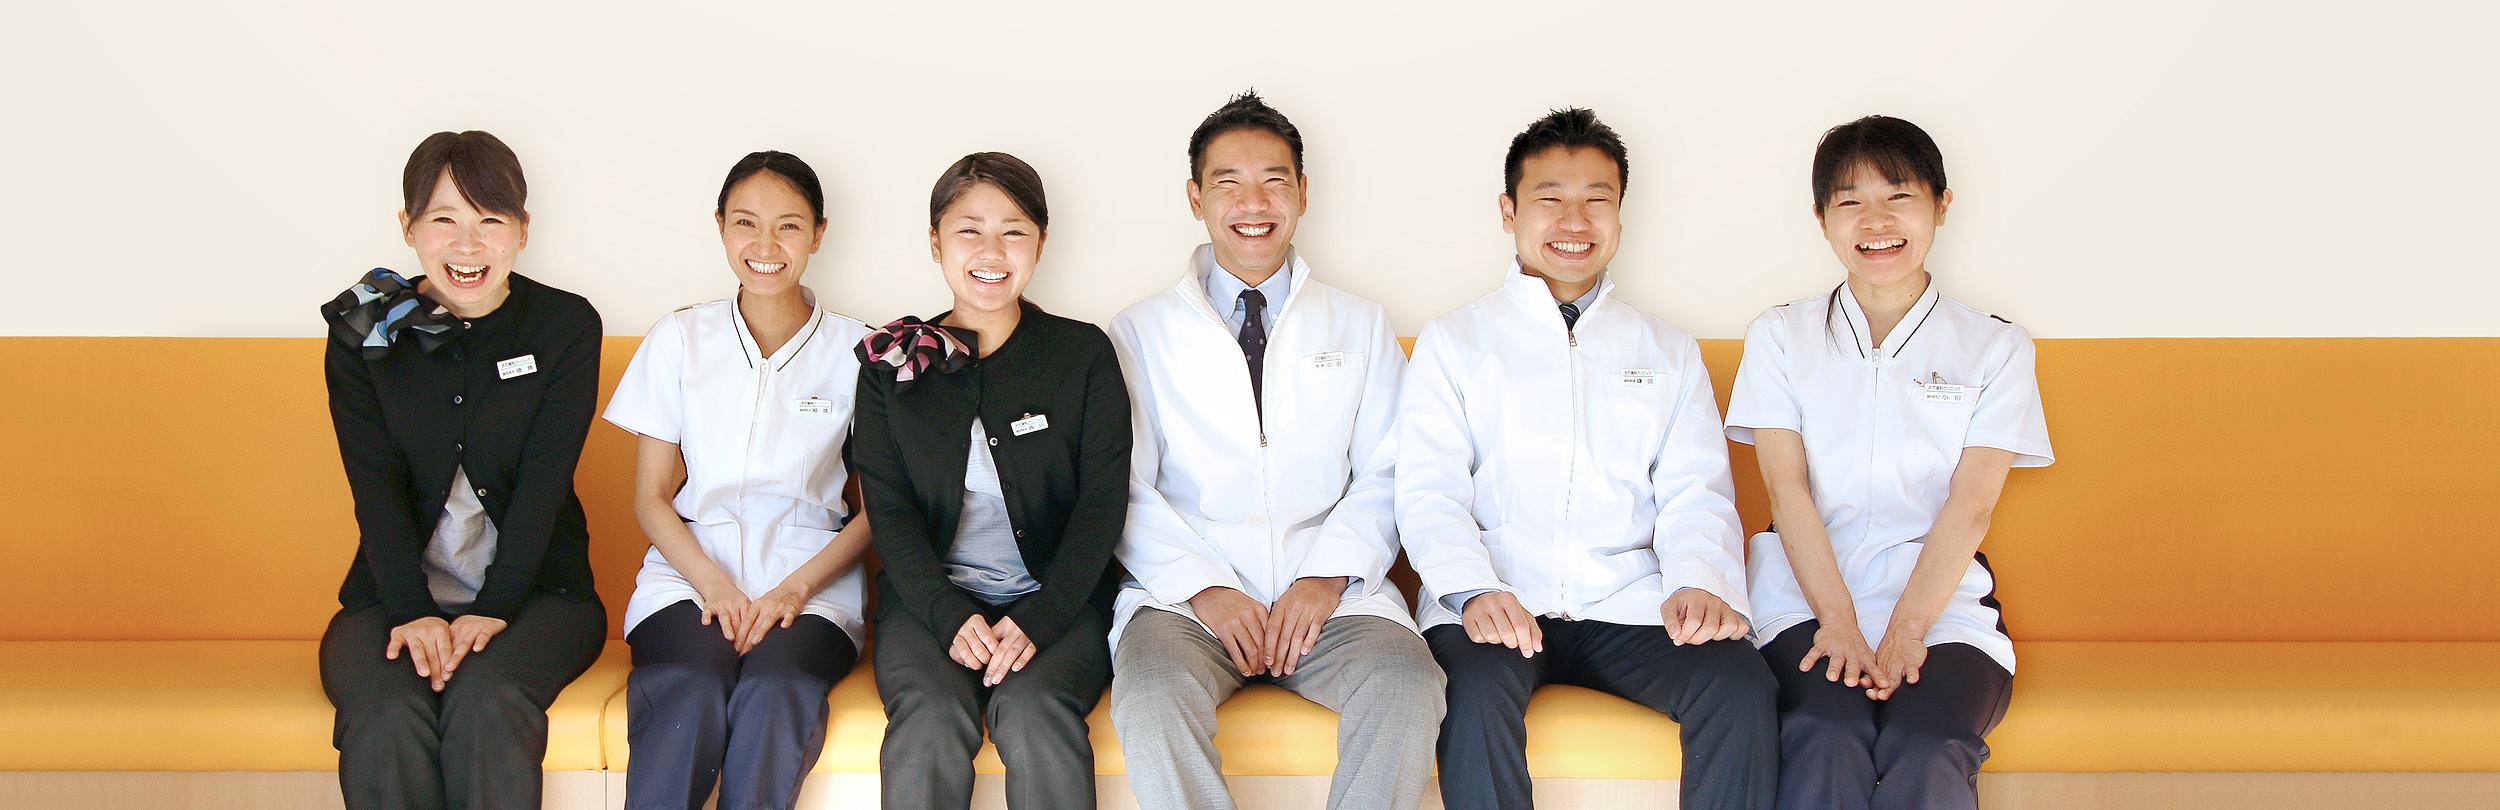 楽しく食べて笑顔で生きる。歯科医療を通して、健康で豊かな生活を支えます。おだ総合歯科の診療方針